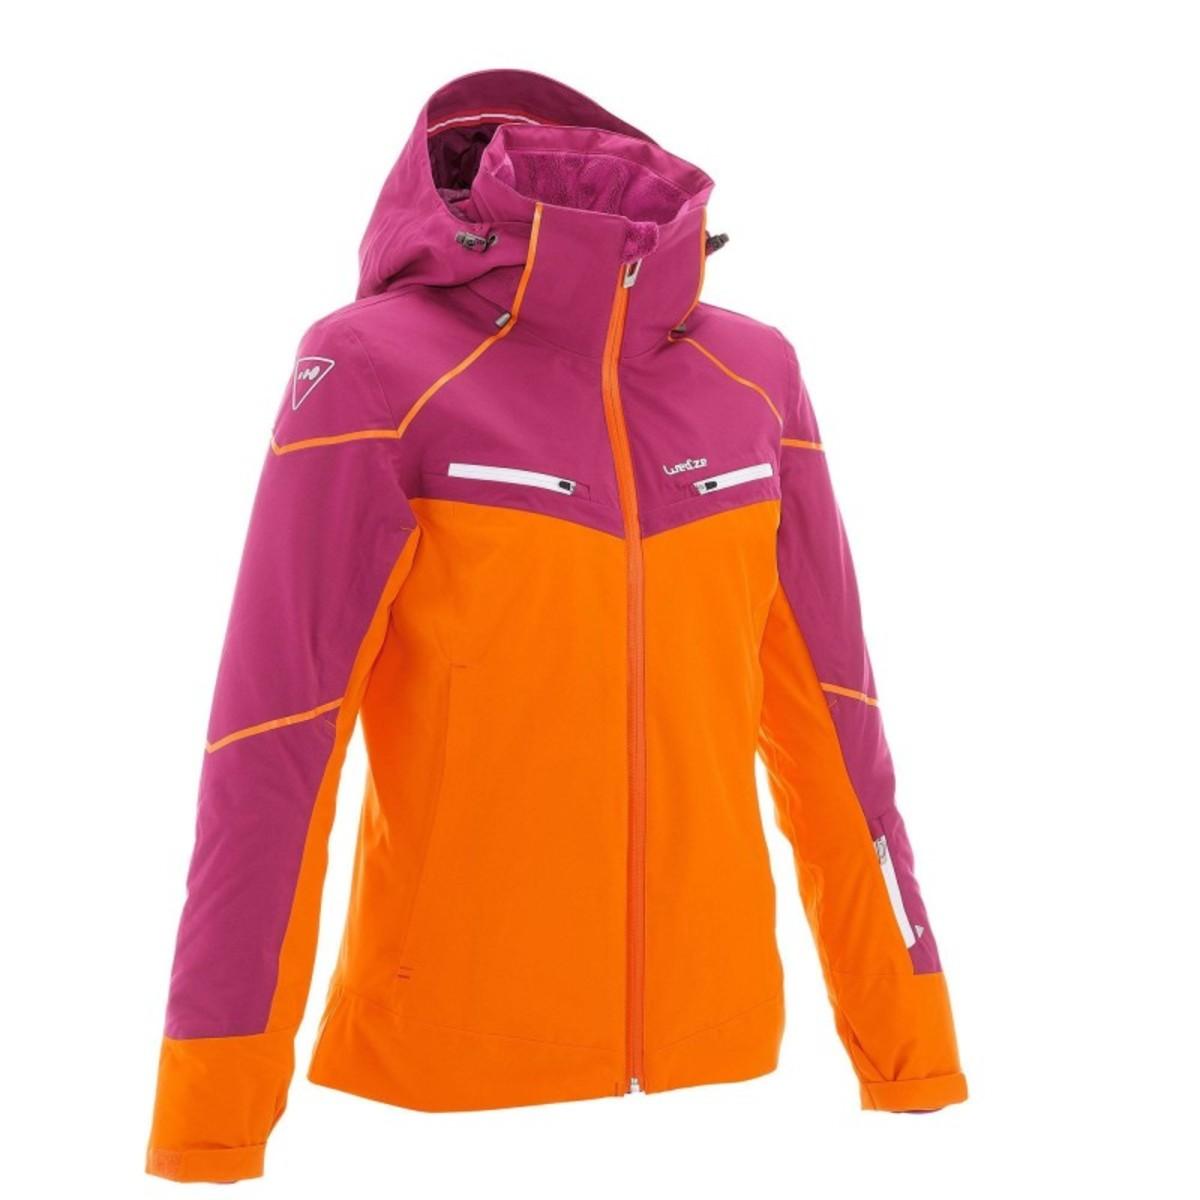 Bild 1 von WED´ZE Skijacke Slide 700 Damen lila/orange, Größe: XS